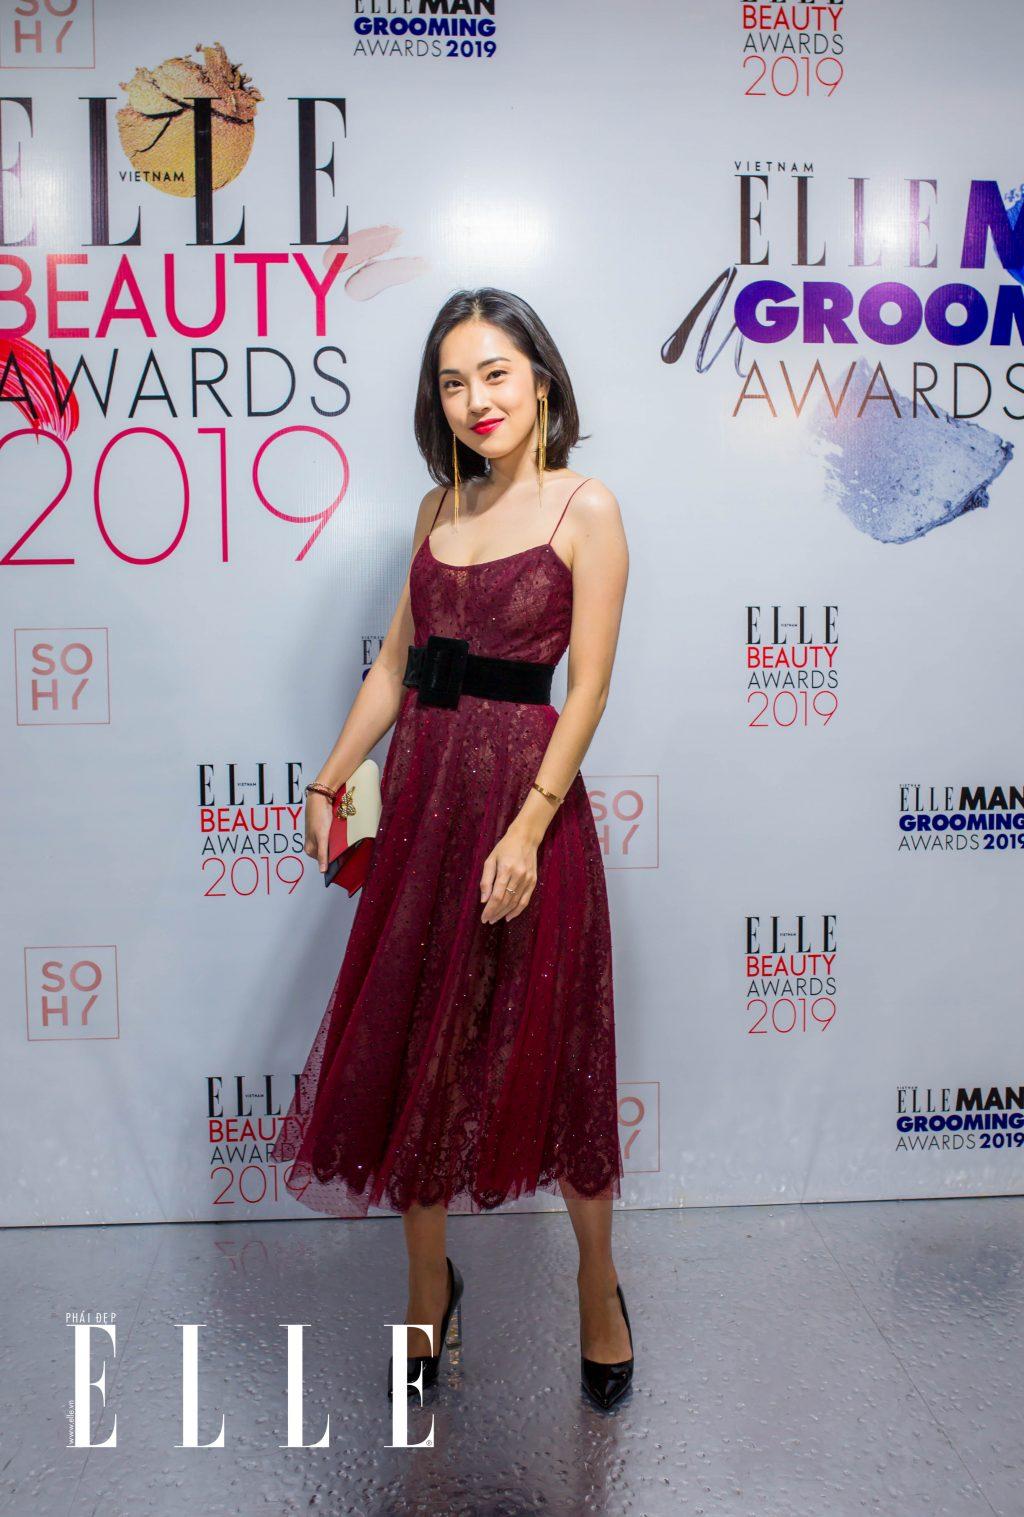 ELLE Beauty awards 2